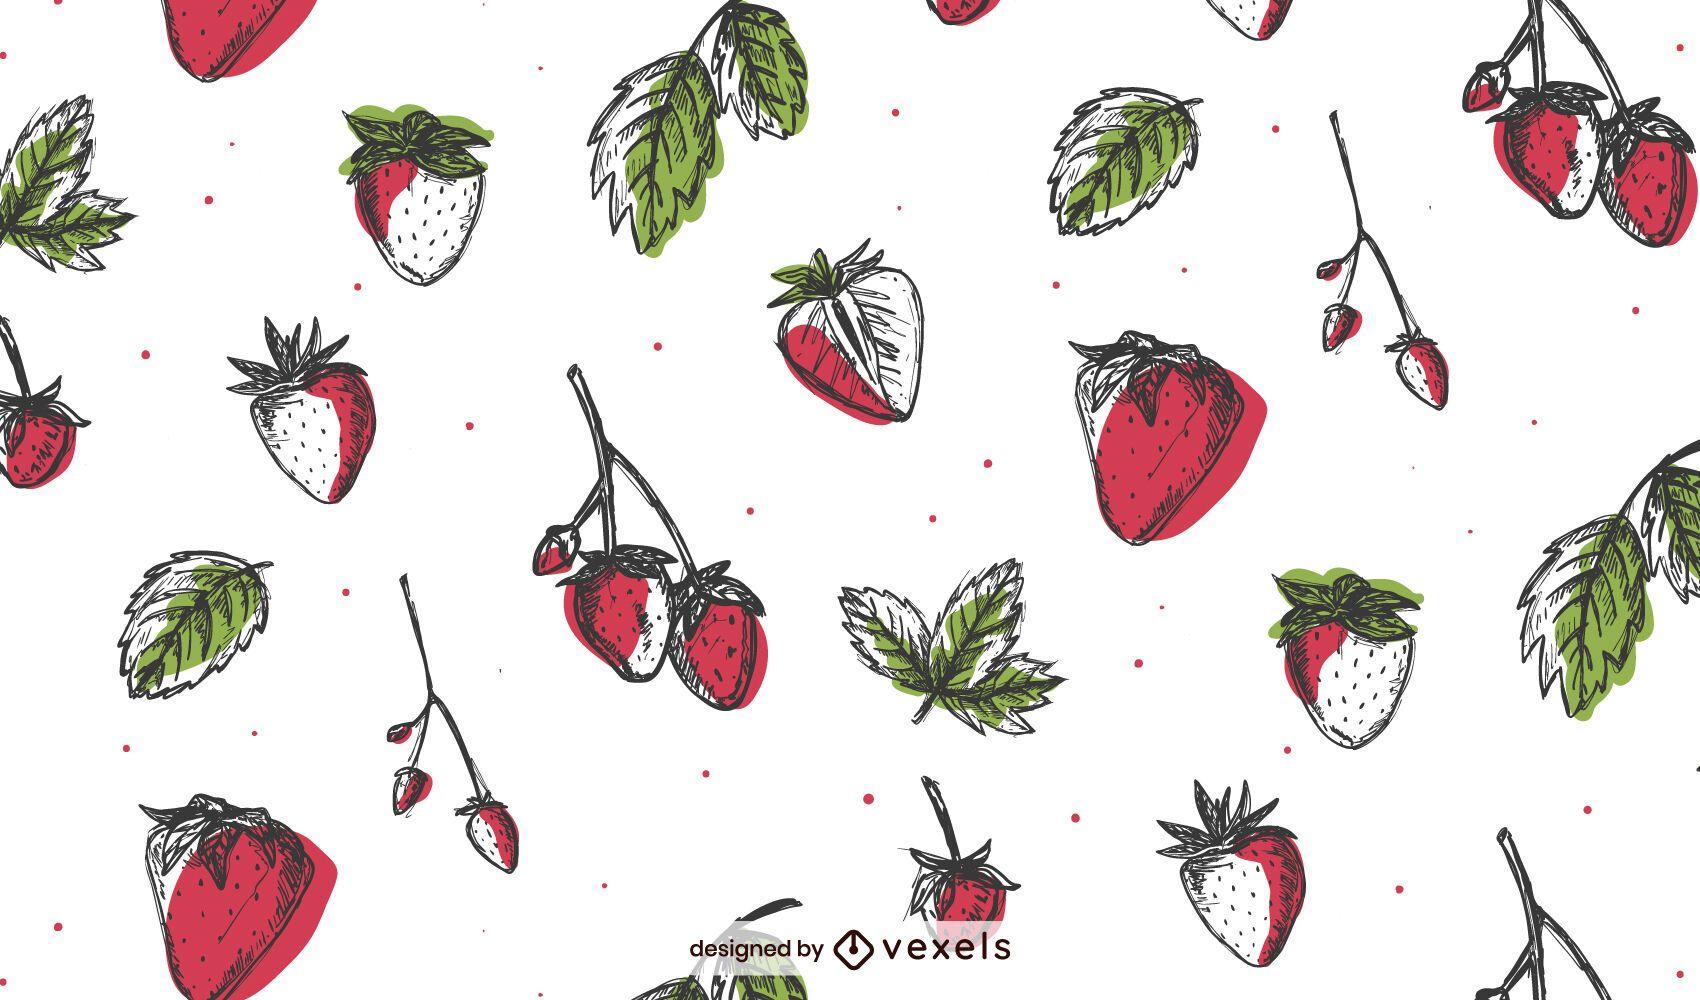 Hand drawn strawberries pattern design